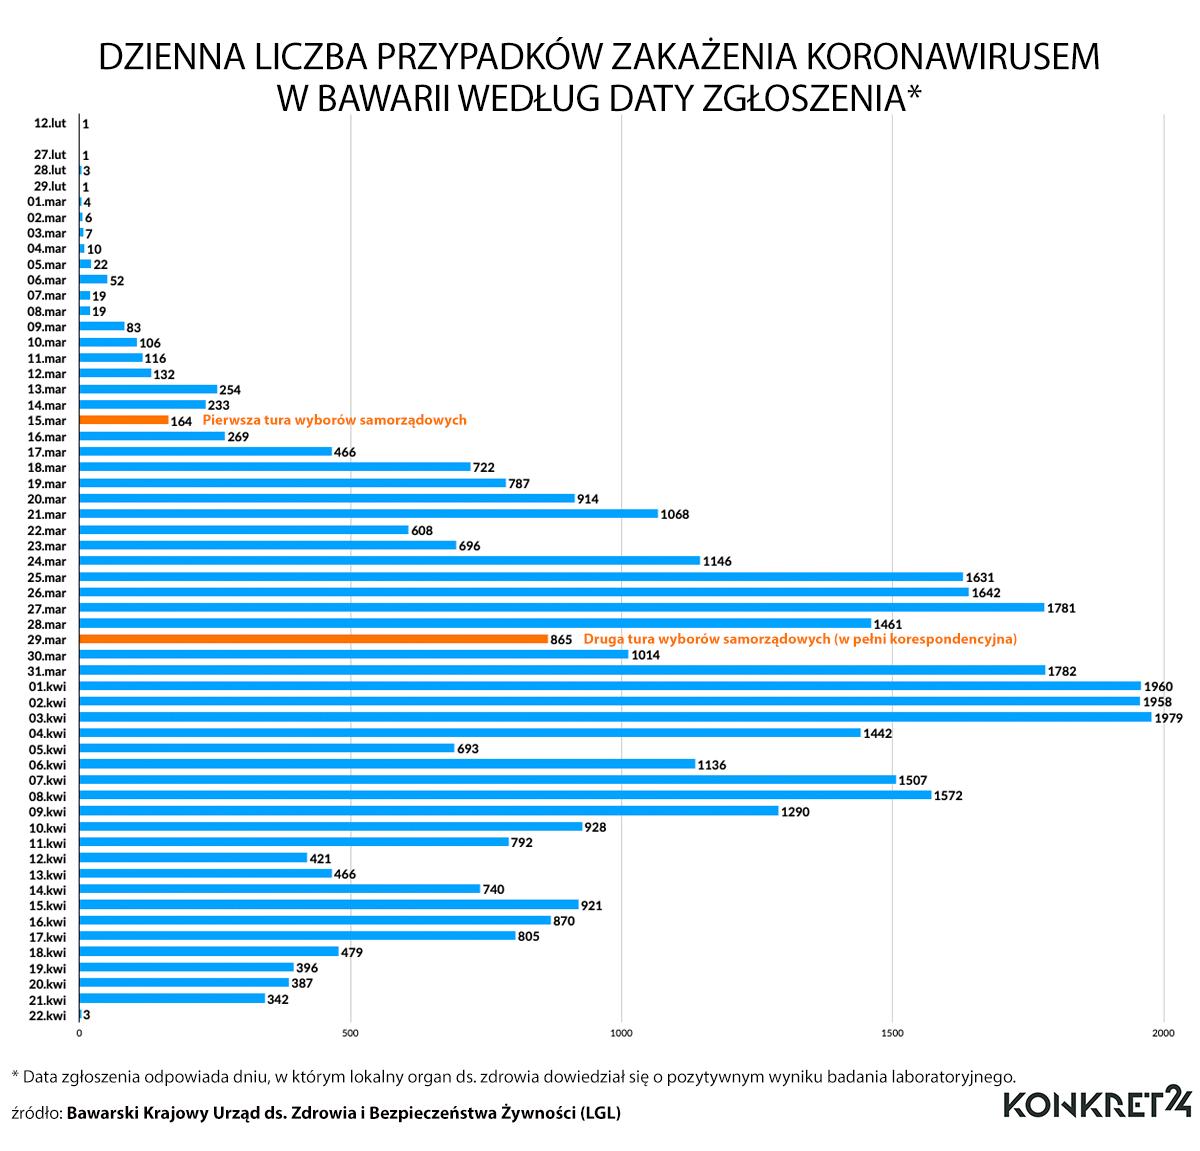 Dzienna liczba przypadków zakażenia koronawirusem w Bawarii według daty zgłoszenia (stan na 22 kwietnia 2020)